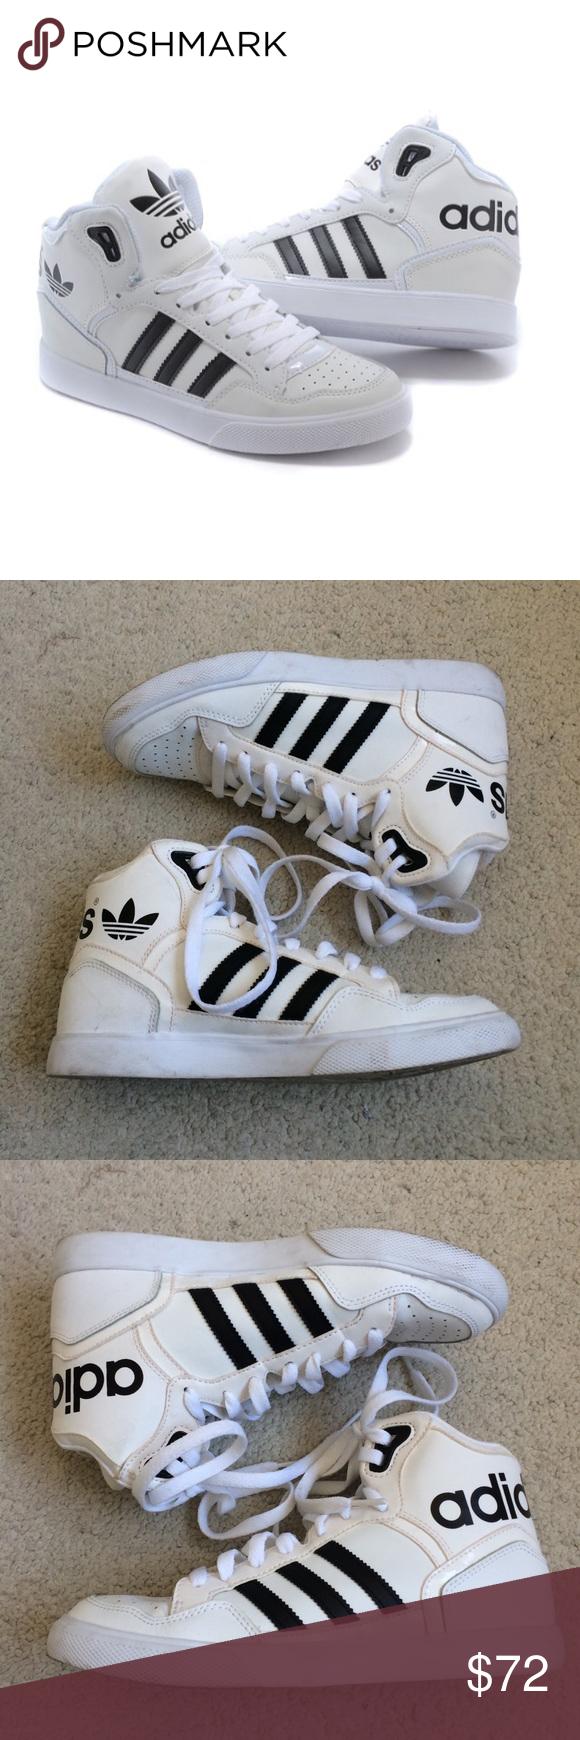 Adidas Classico Bianco da E Nero Di Scarpe da Bianco Ginnastica Alte Bianco Alta 84ad44